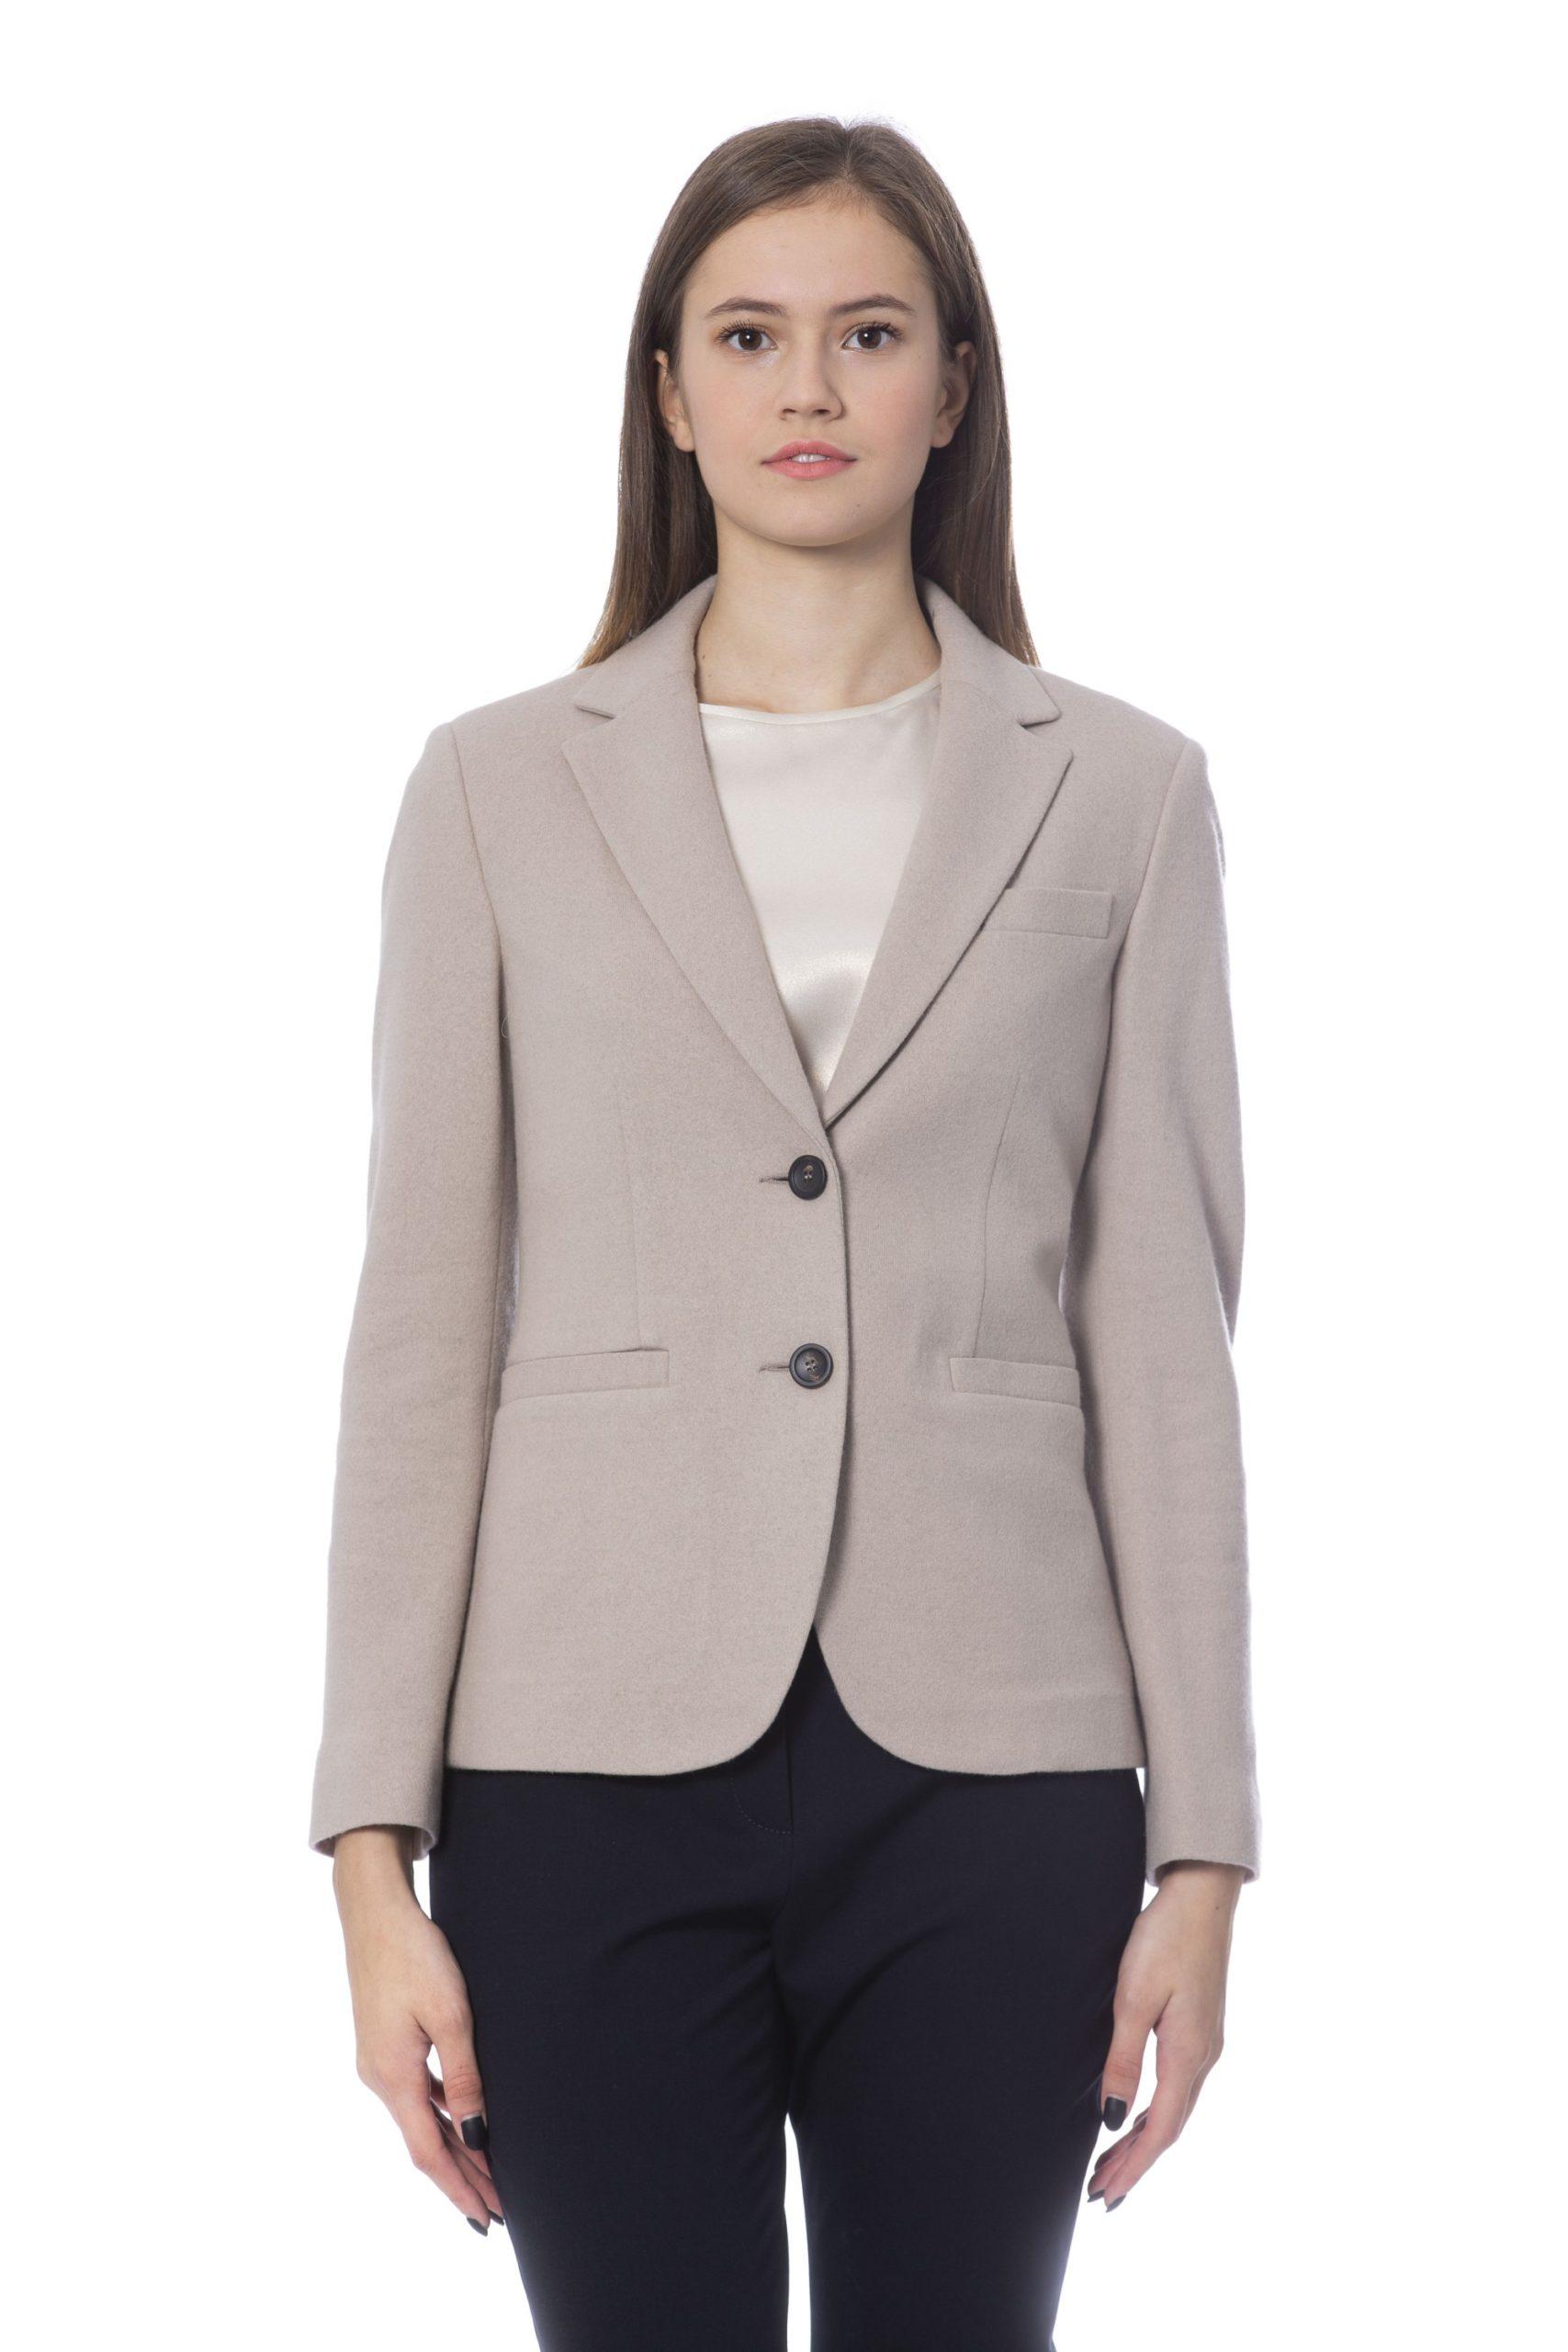 Peserico Women's Jackets Beige PE854154 - IT42   S